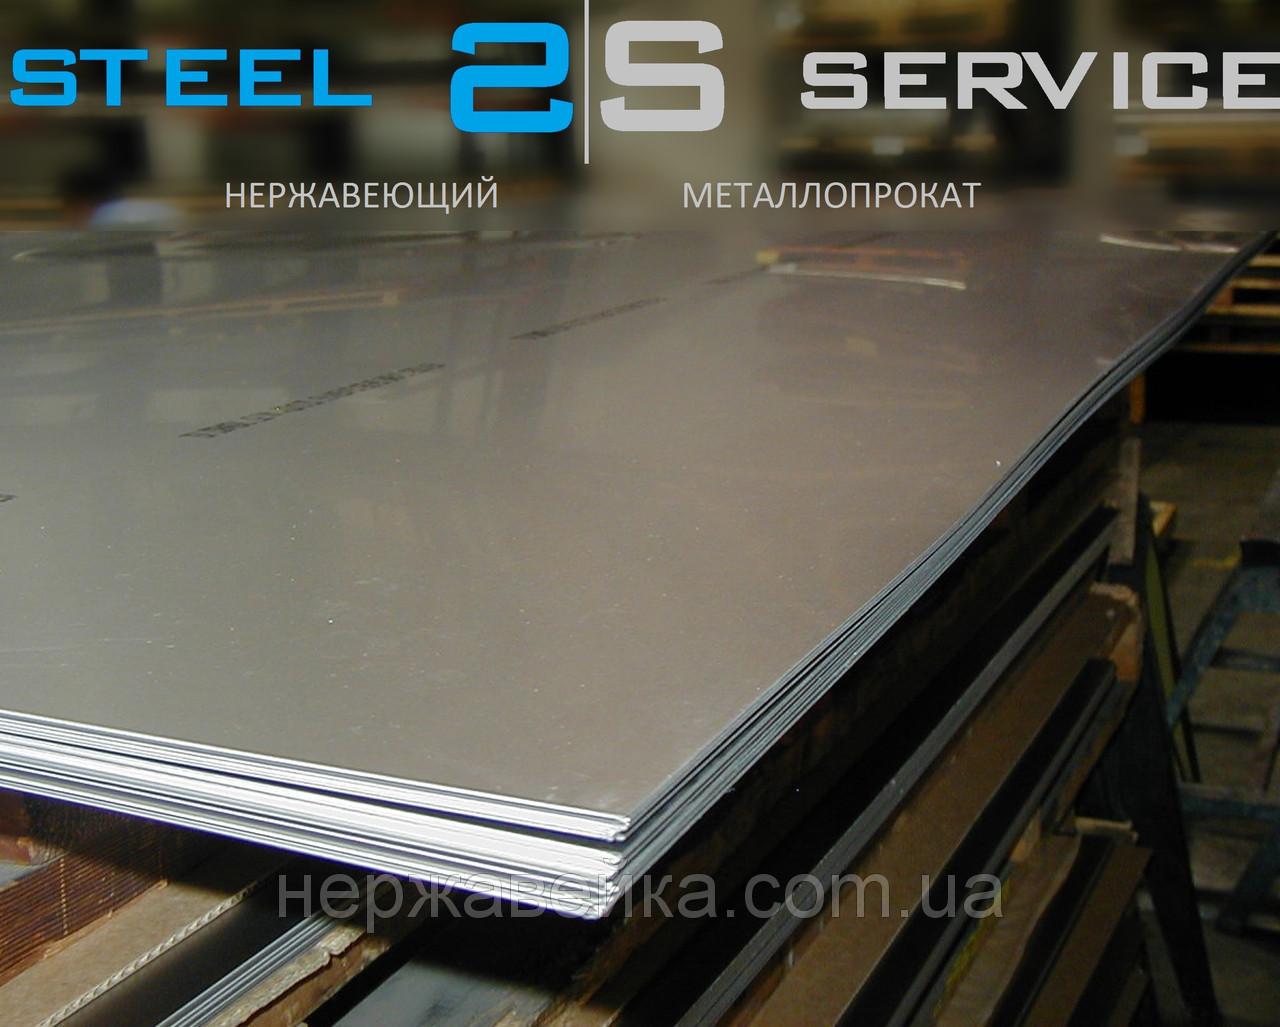 Нержавеющий лист 6х1000х2000мм  AISI 310(20Х23Н18) F1 - горячекатанный,  жаропрочный